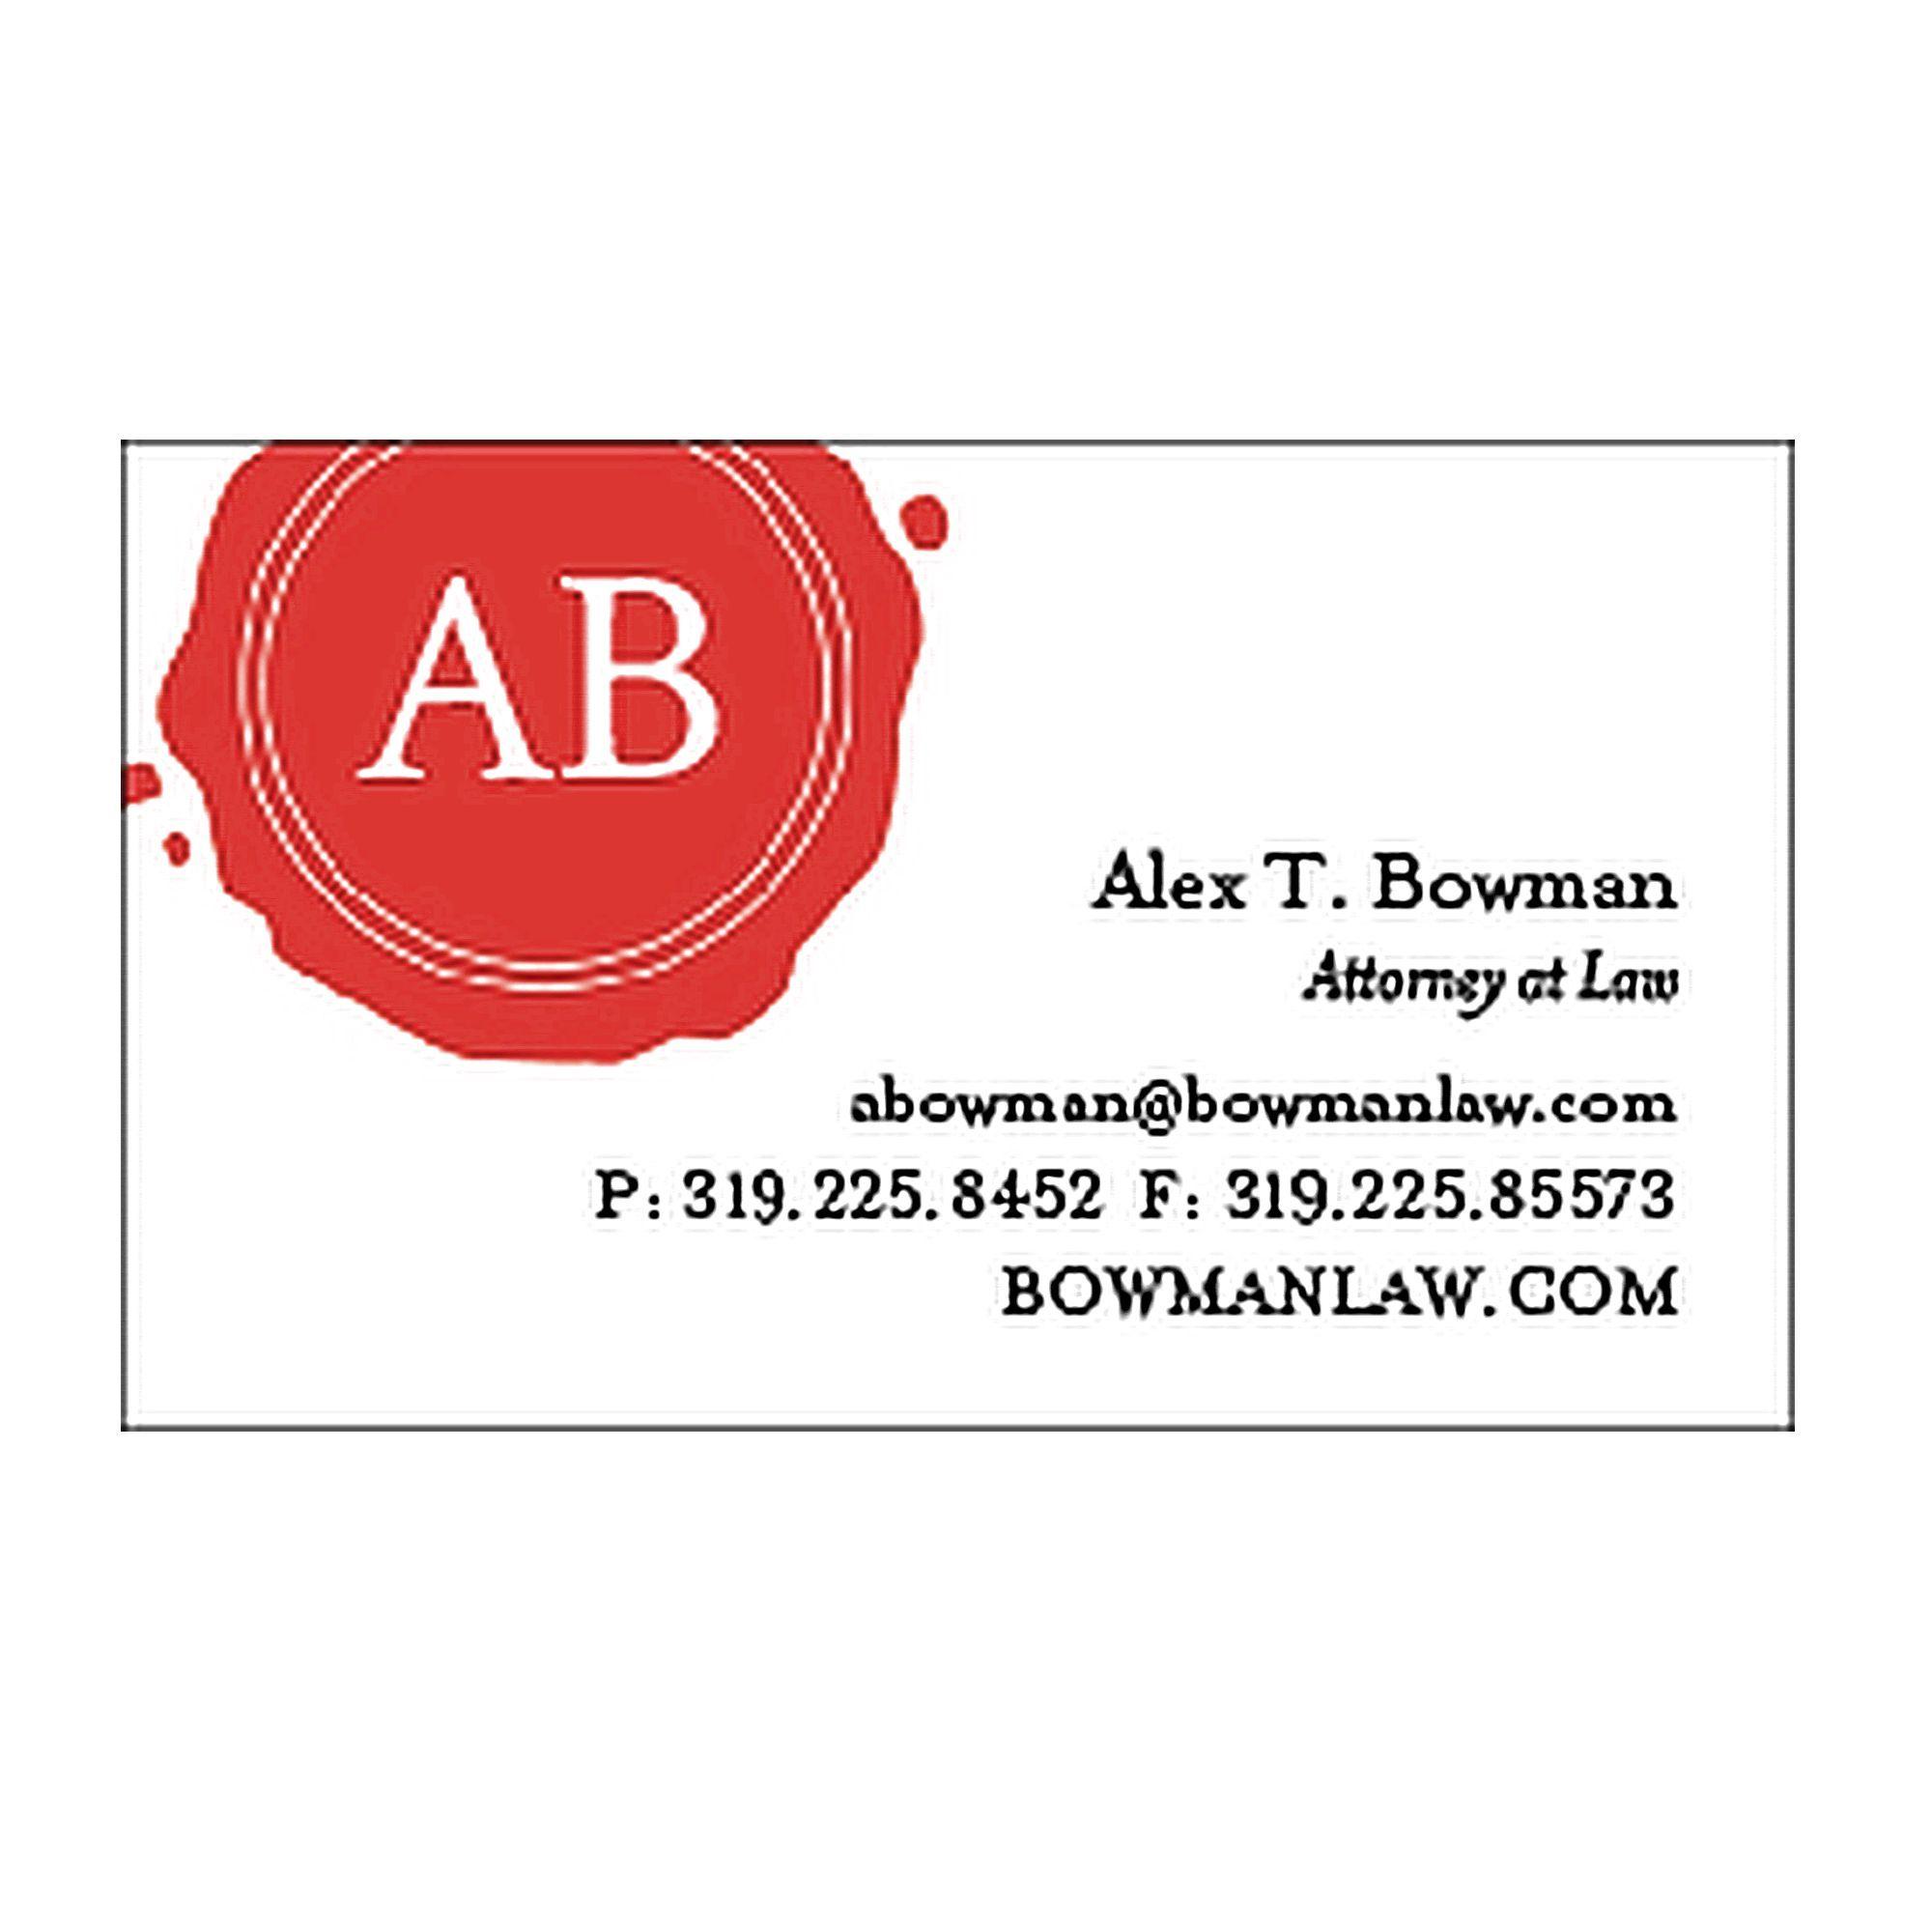 Wax Seal Business Cards | Paper | Pinterest | Wax seals, Business ...